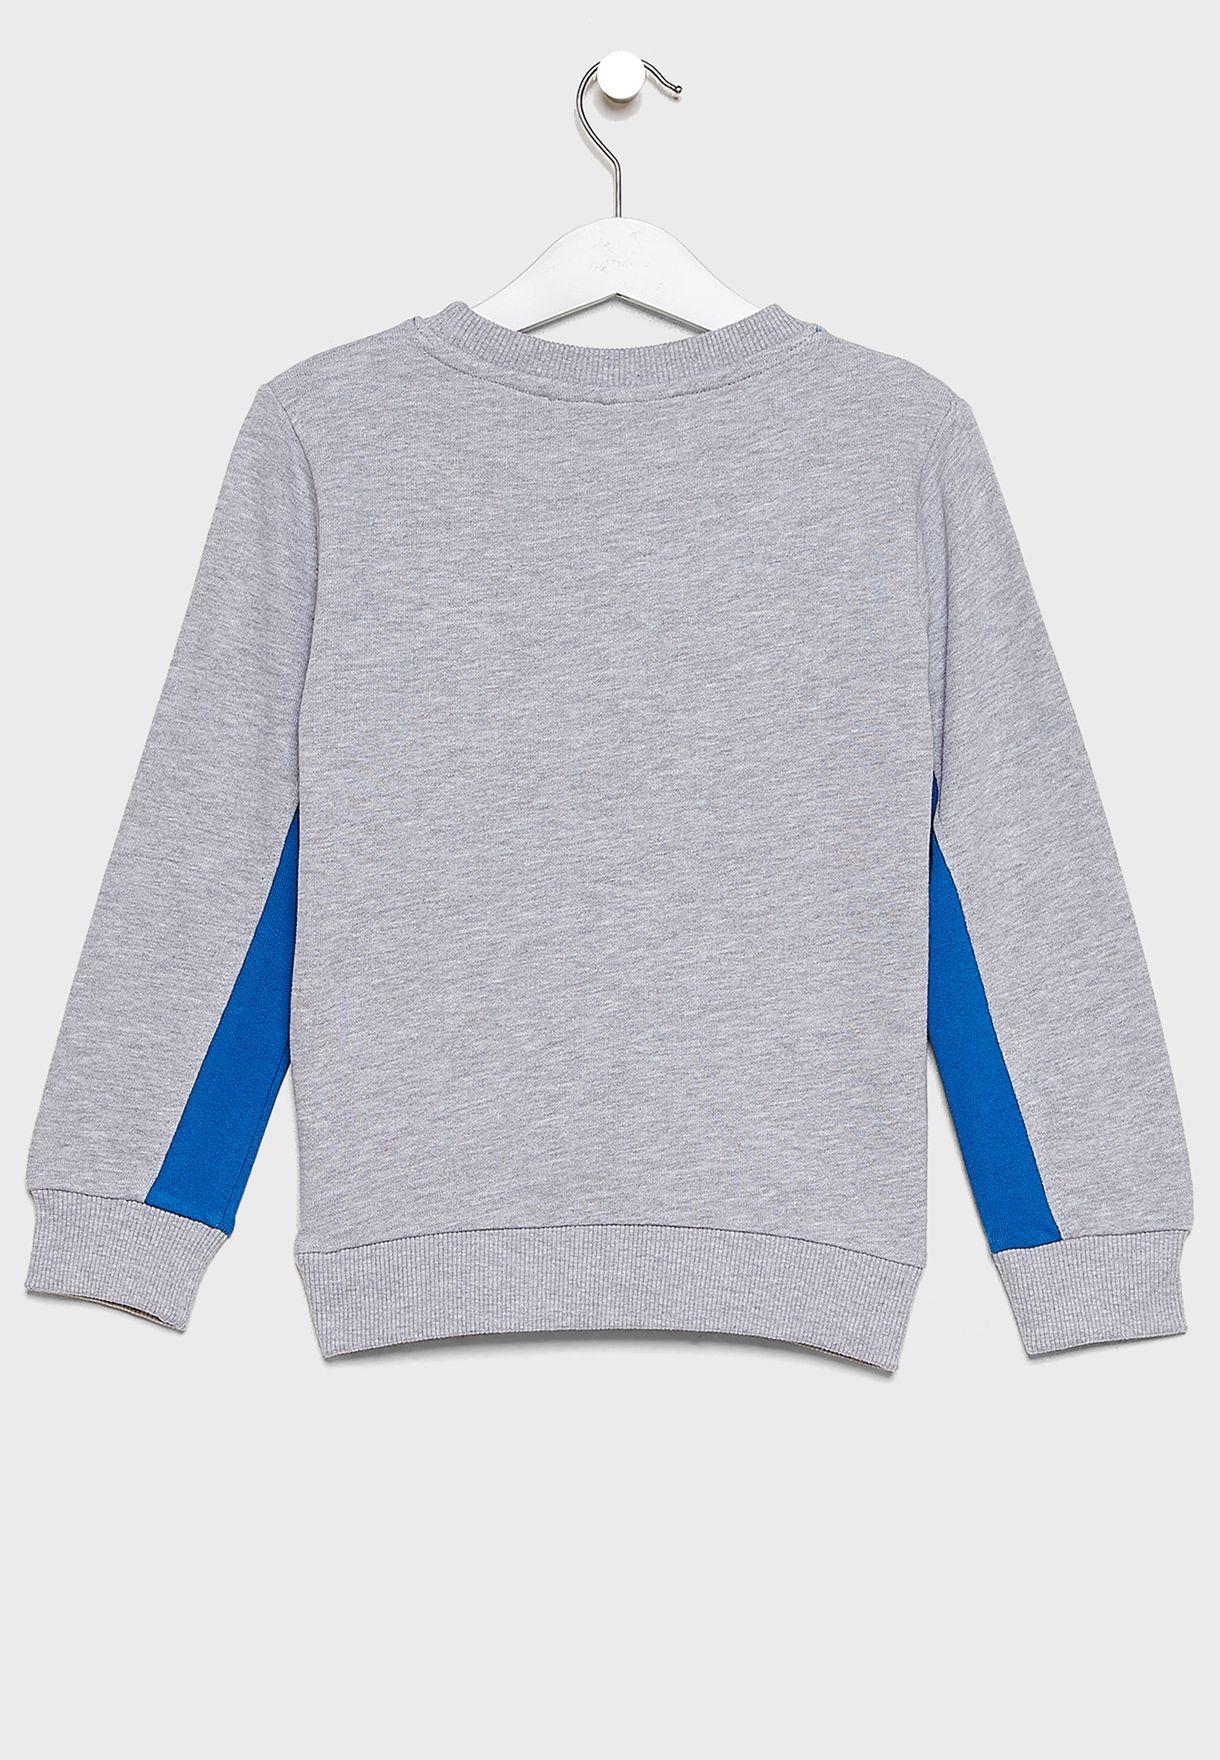 Kids Mr. Men Badgeables Sweatshirt